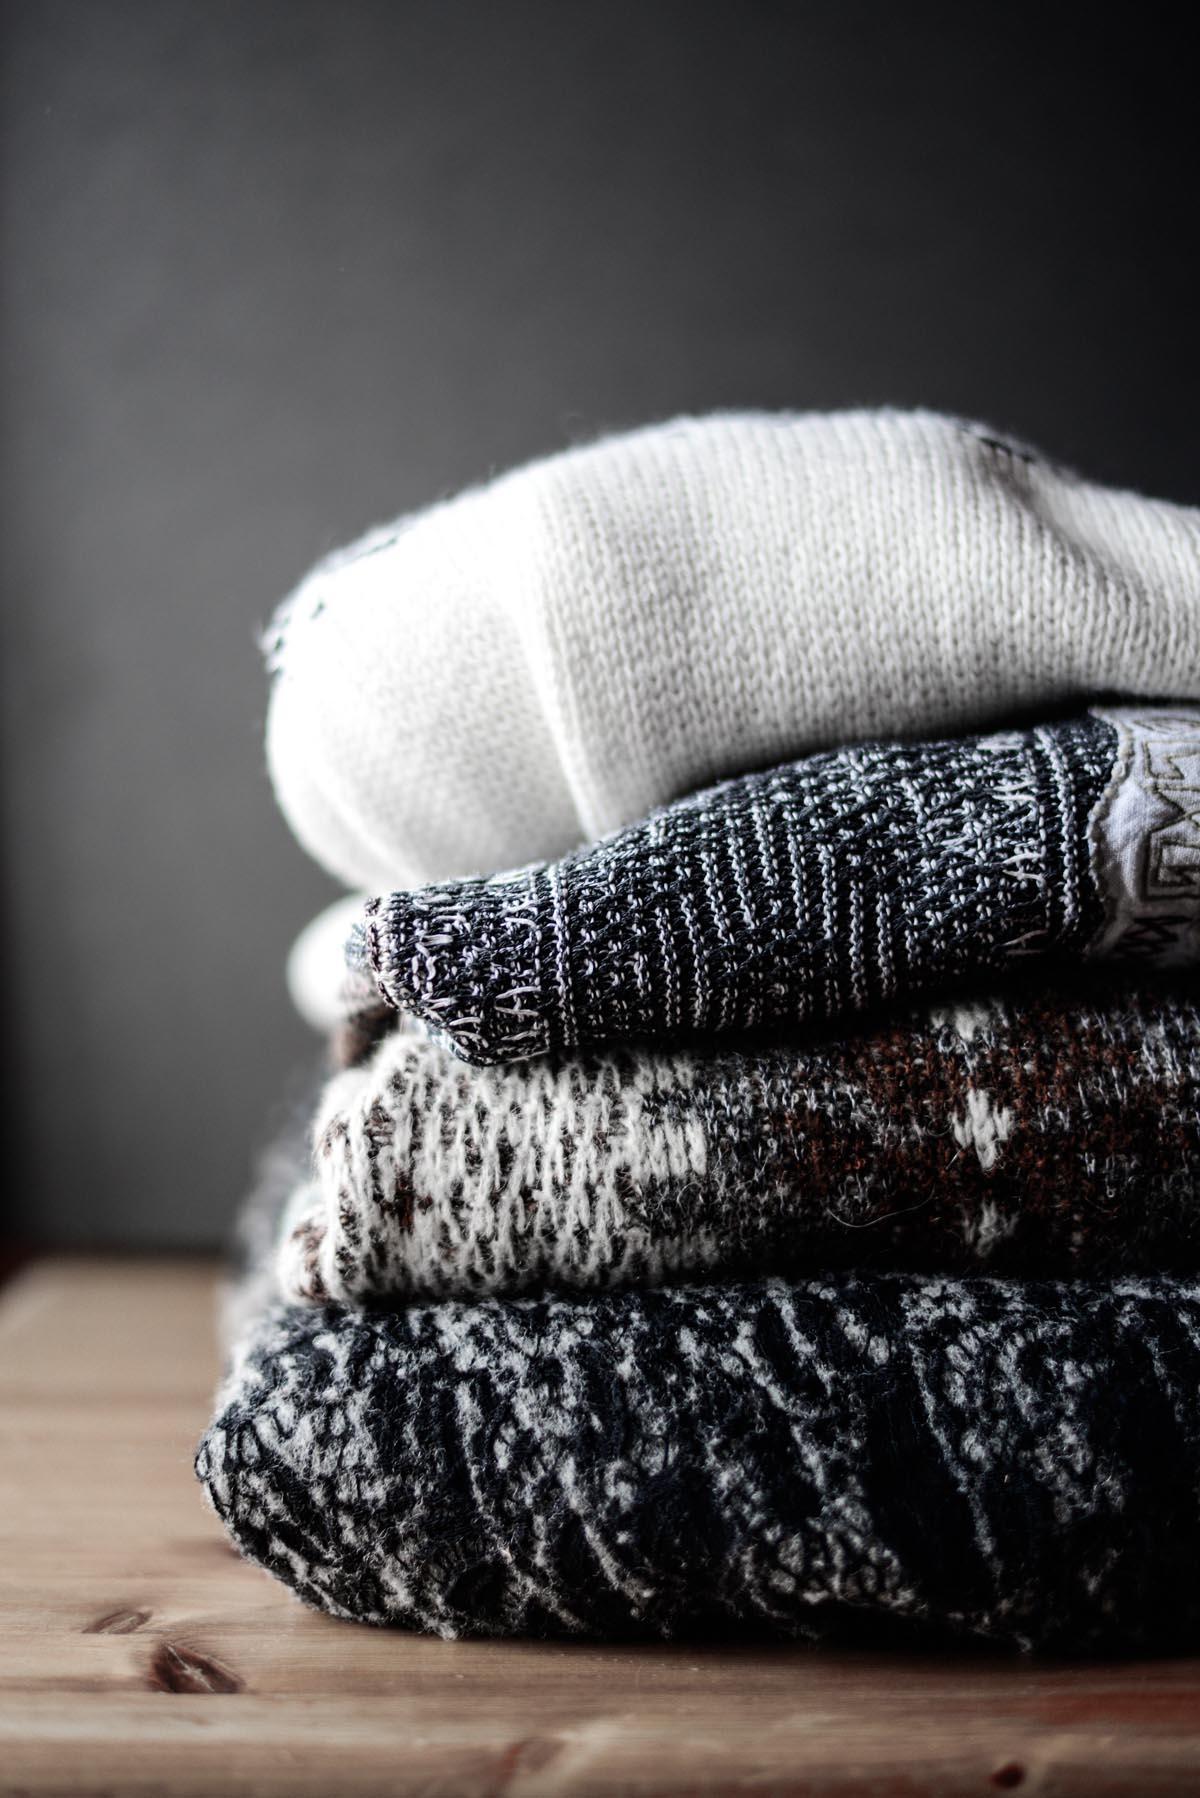 Wolle Thrift Guide: Wie du schlechte Gerüche einfach entfernen kannst